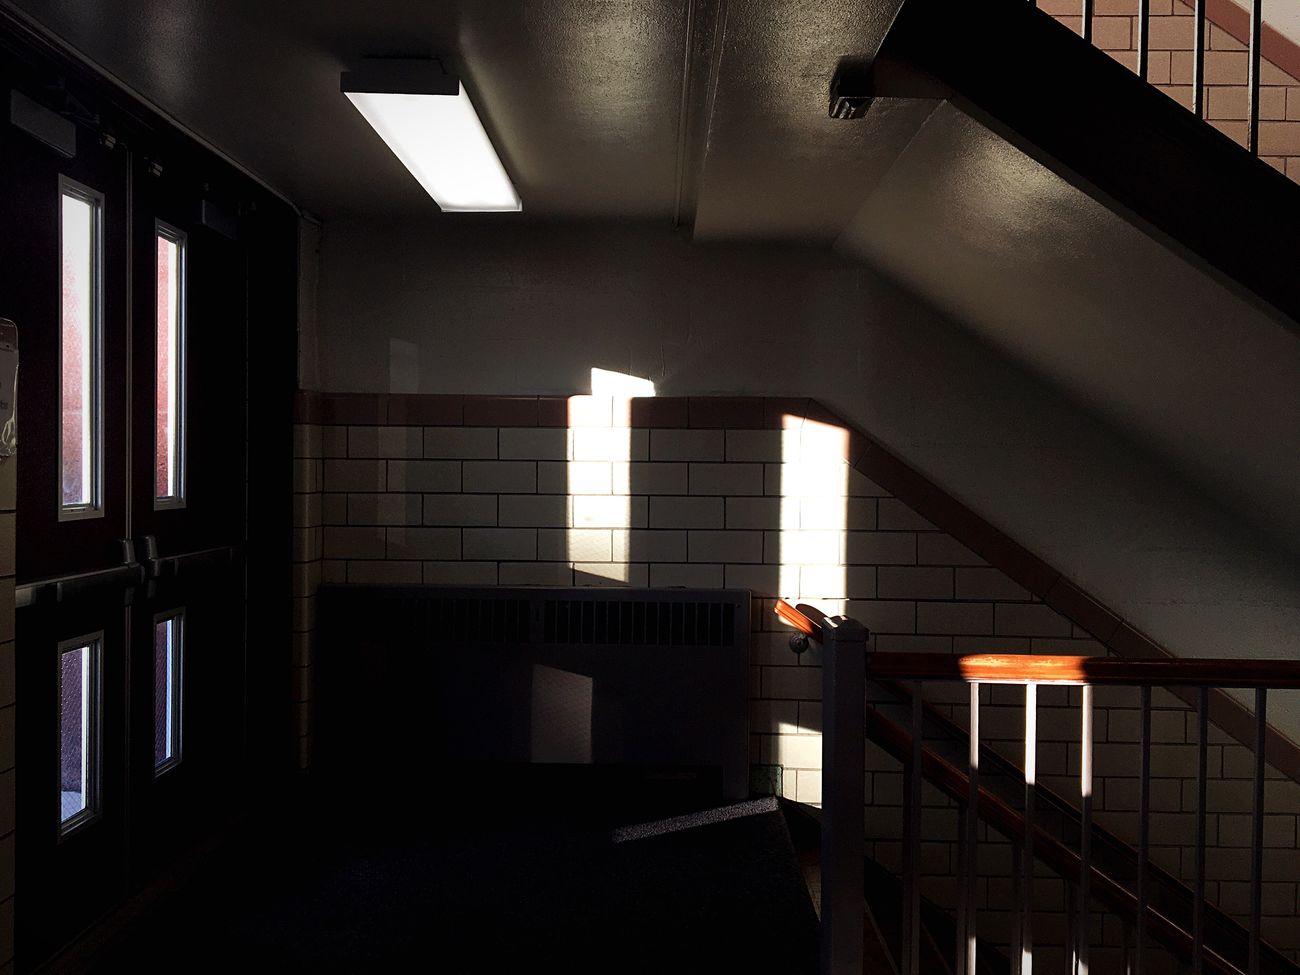 Minimal Shadows & Lights Illuminated Minimalobsession Minimalism Minimalist